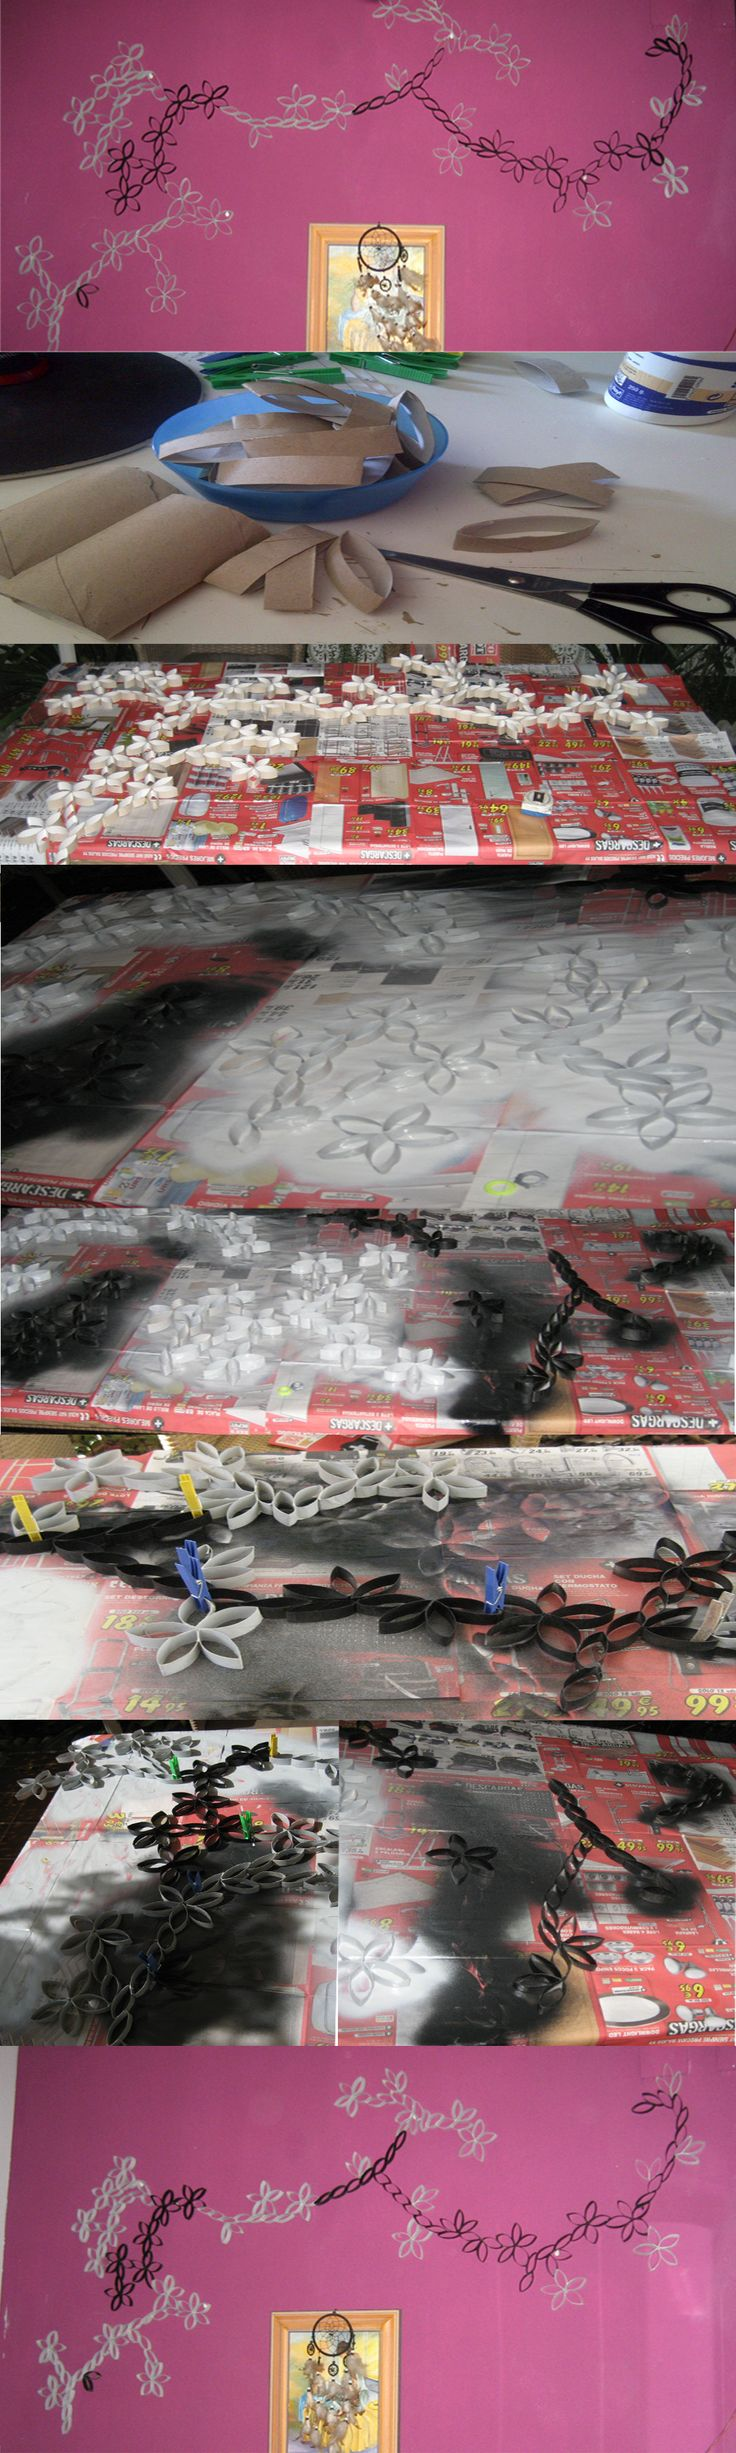 Decoración con rollos de papel higiénico formando un mural de flores, pintado con spray.  Decorating with toilet paper rolls forming a flower mural, painted with spray.